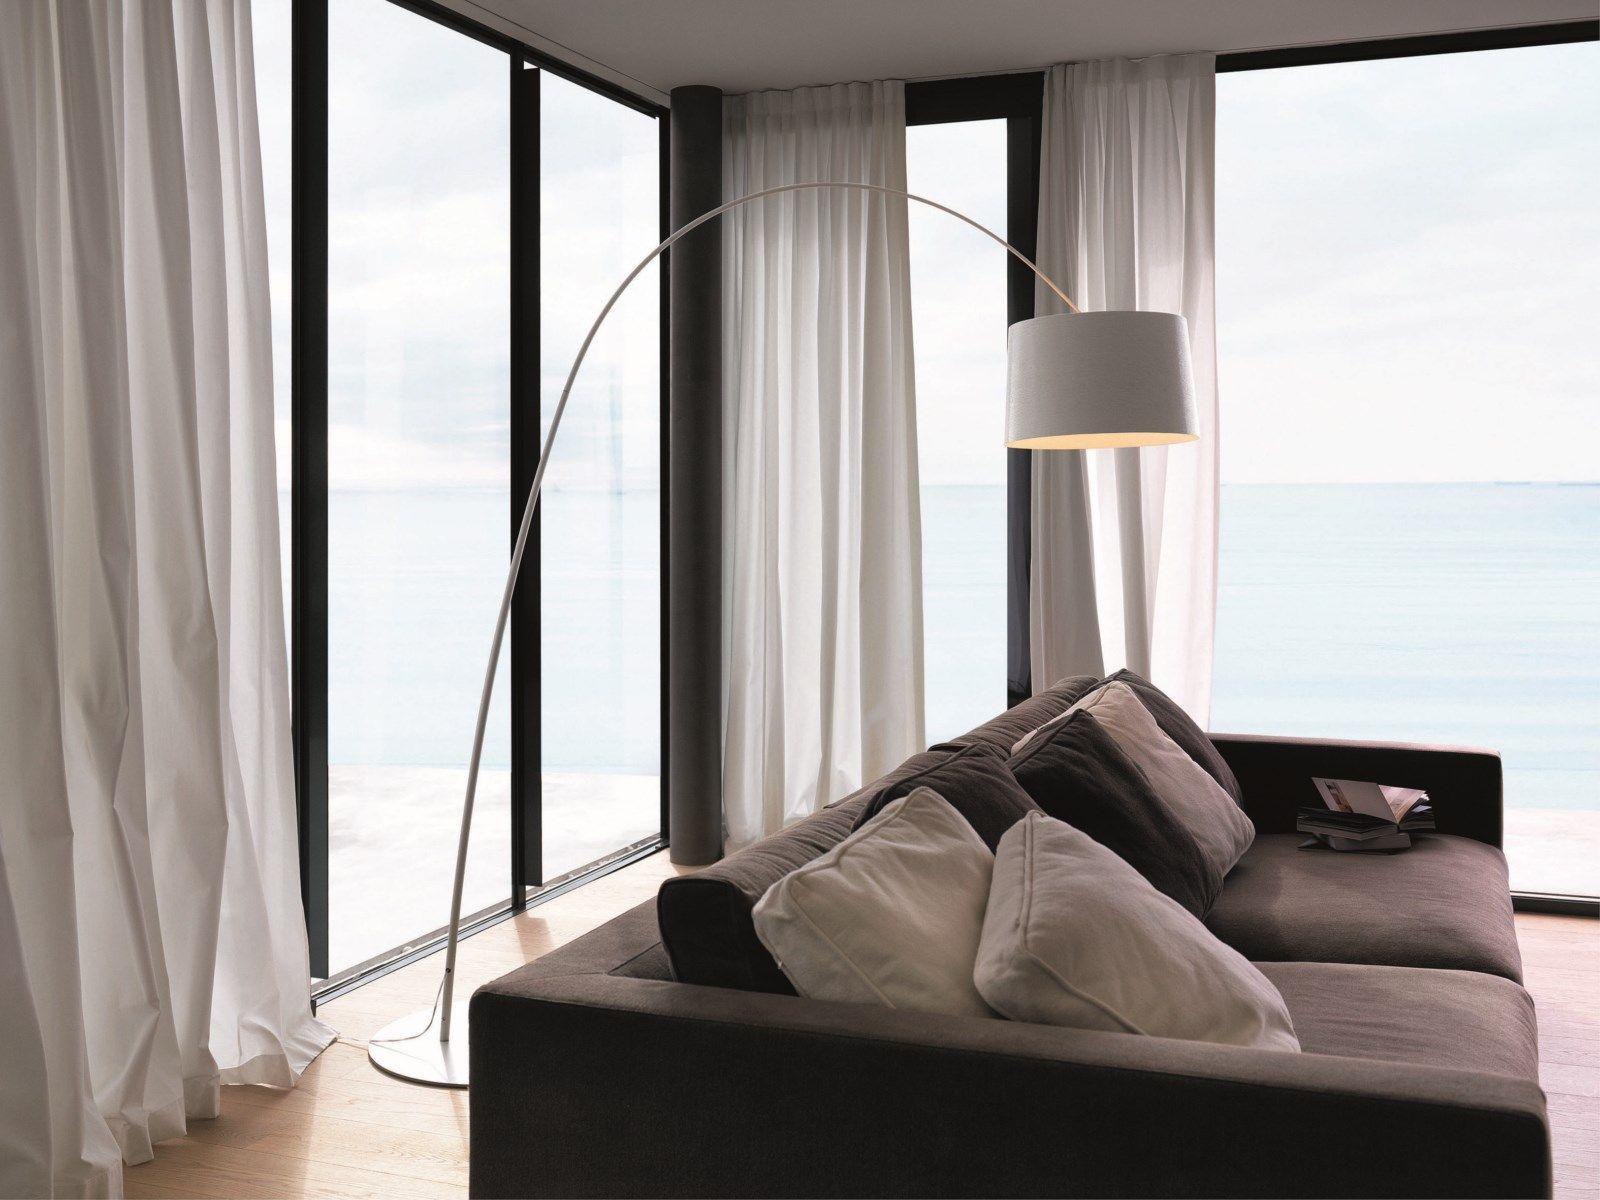 lampadaire twiggy foscarini by megalux 33 magasin de luminaires int rieurs et ext rieurs sur. Black Bedroom Furniture Sets. Home Design Ideas